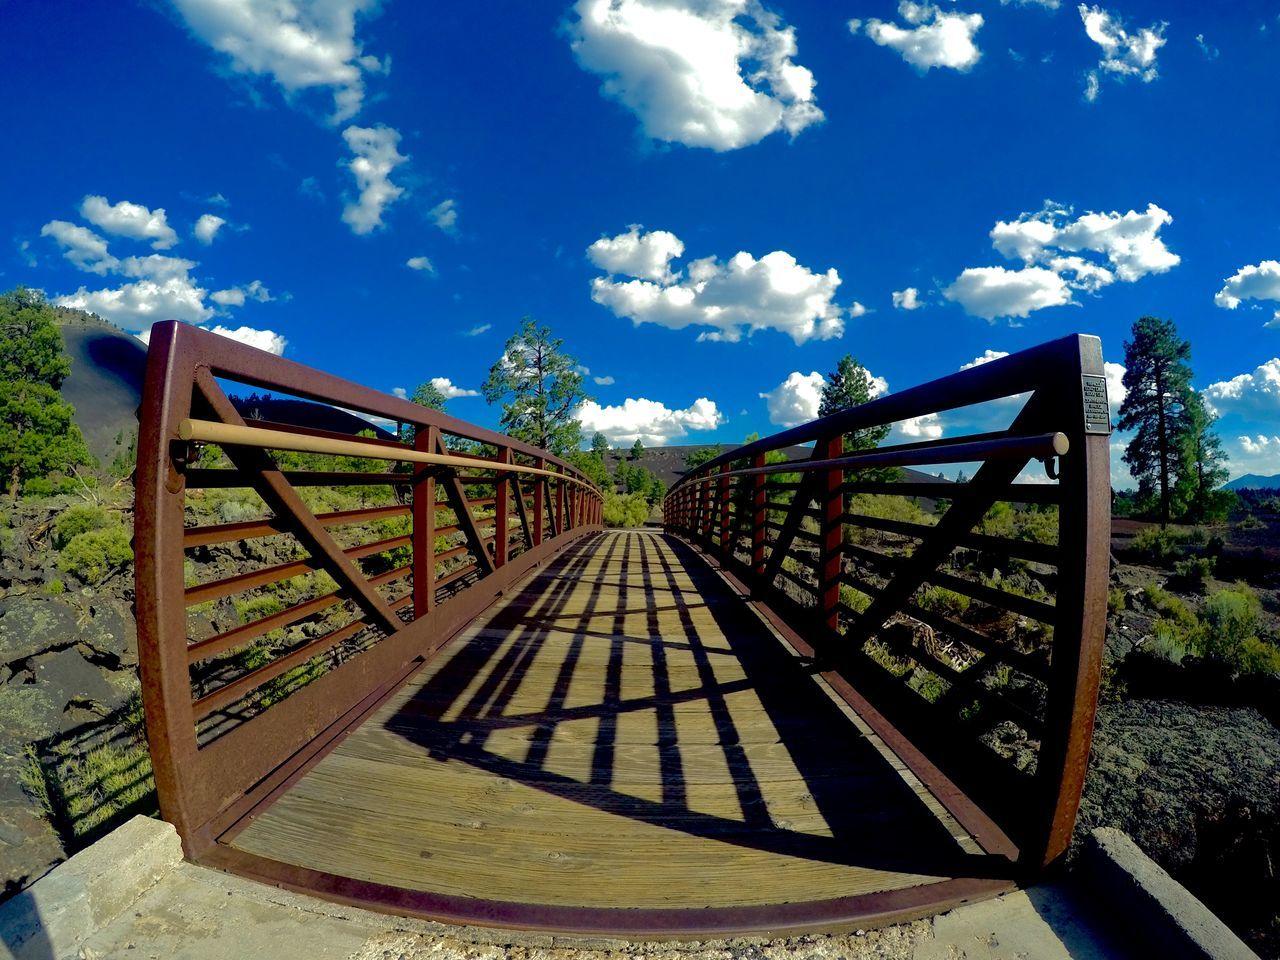 Footbridge Against Cloudy Sky